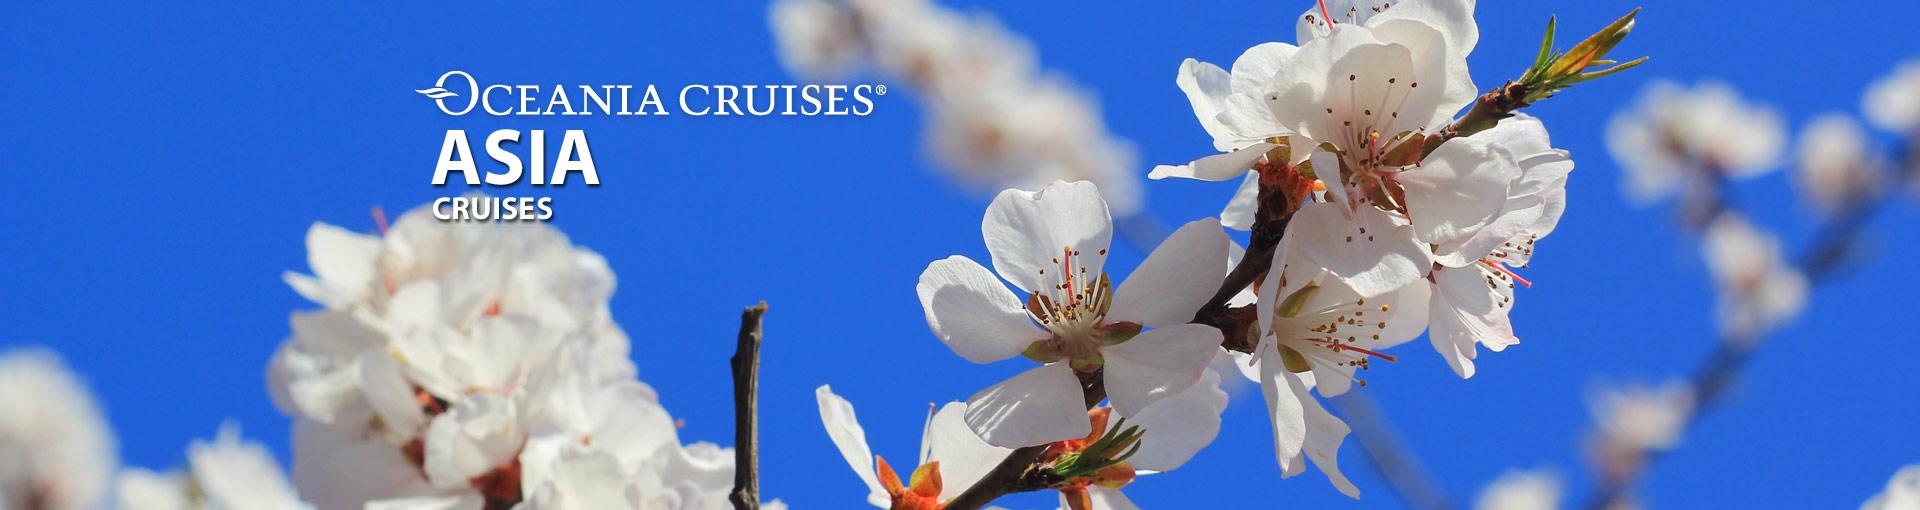 Oceania Cruises Asia Cruises